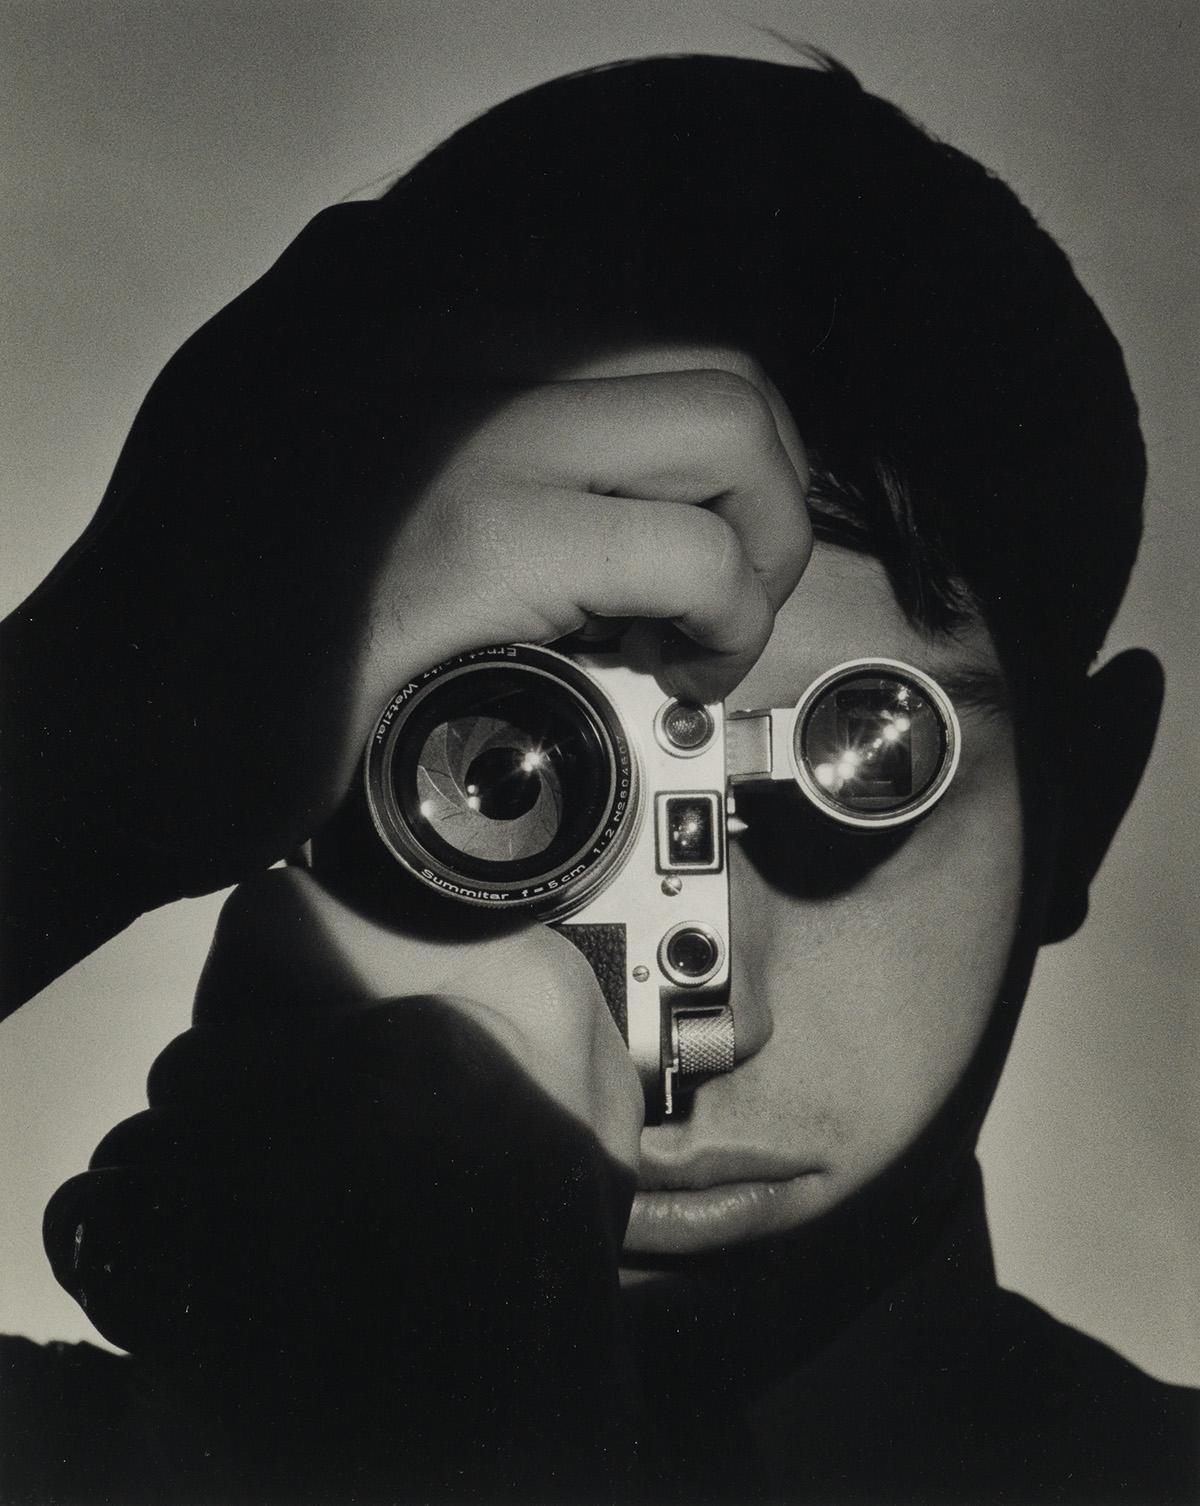 ANDREAS FEININGER (1906-1999) The Photojournalist (Dennis Stock), New York.